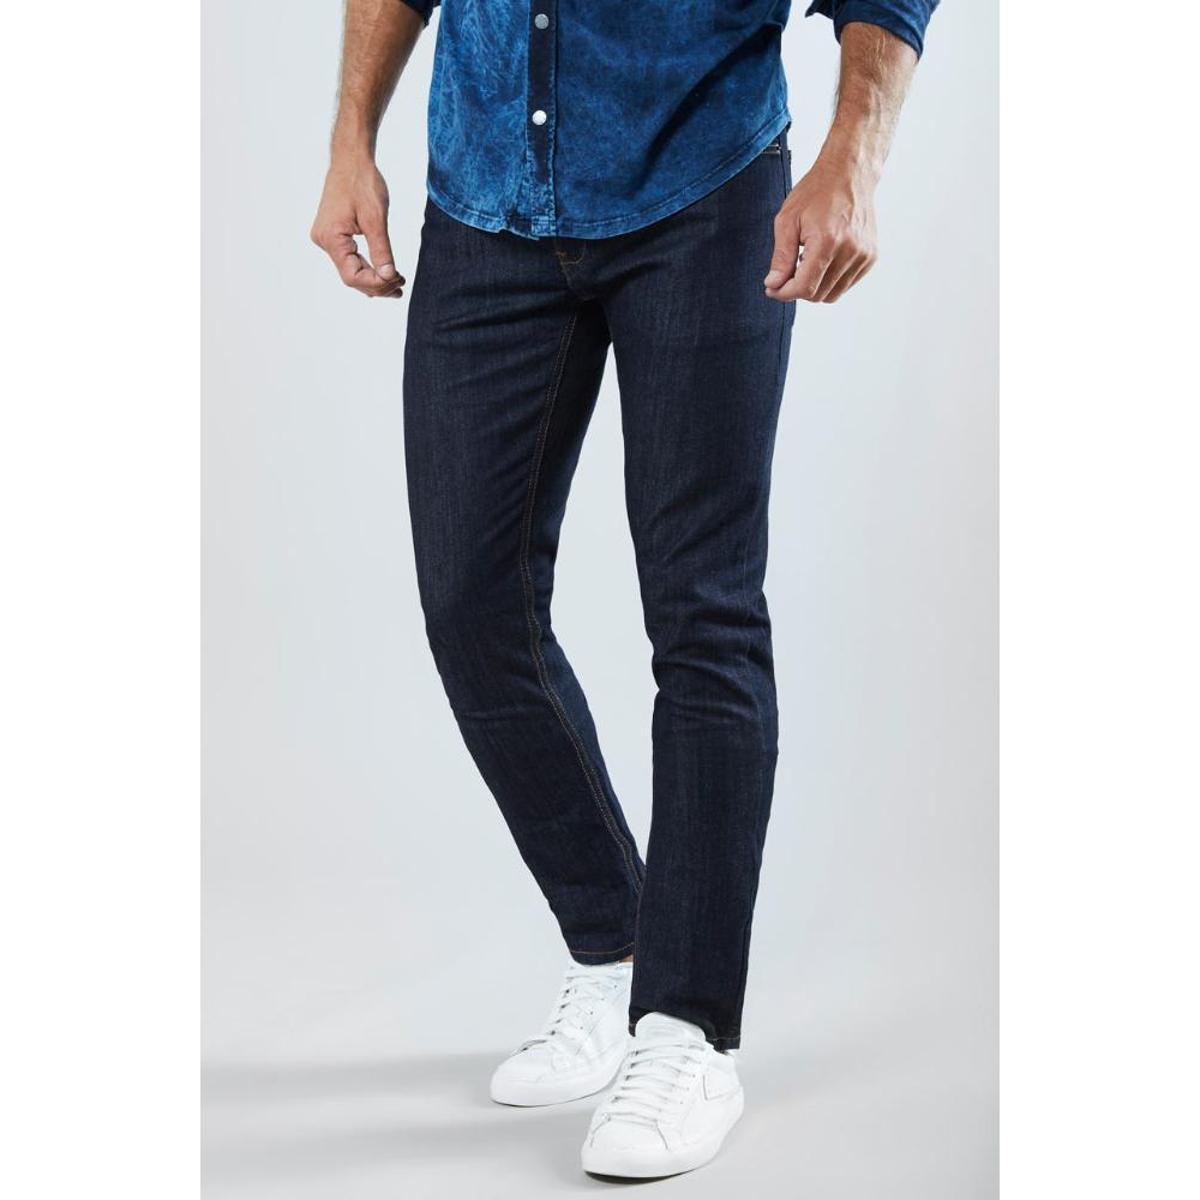 9d5430879 Calça Reserva Reserva Jeans +5561 Goias - Compre Agora